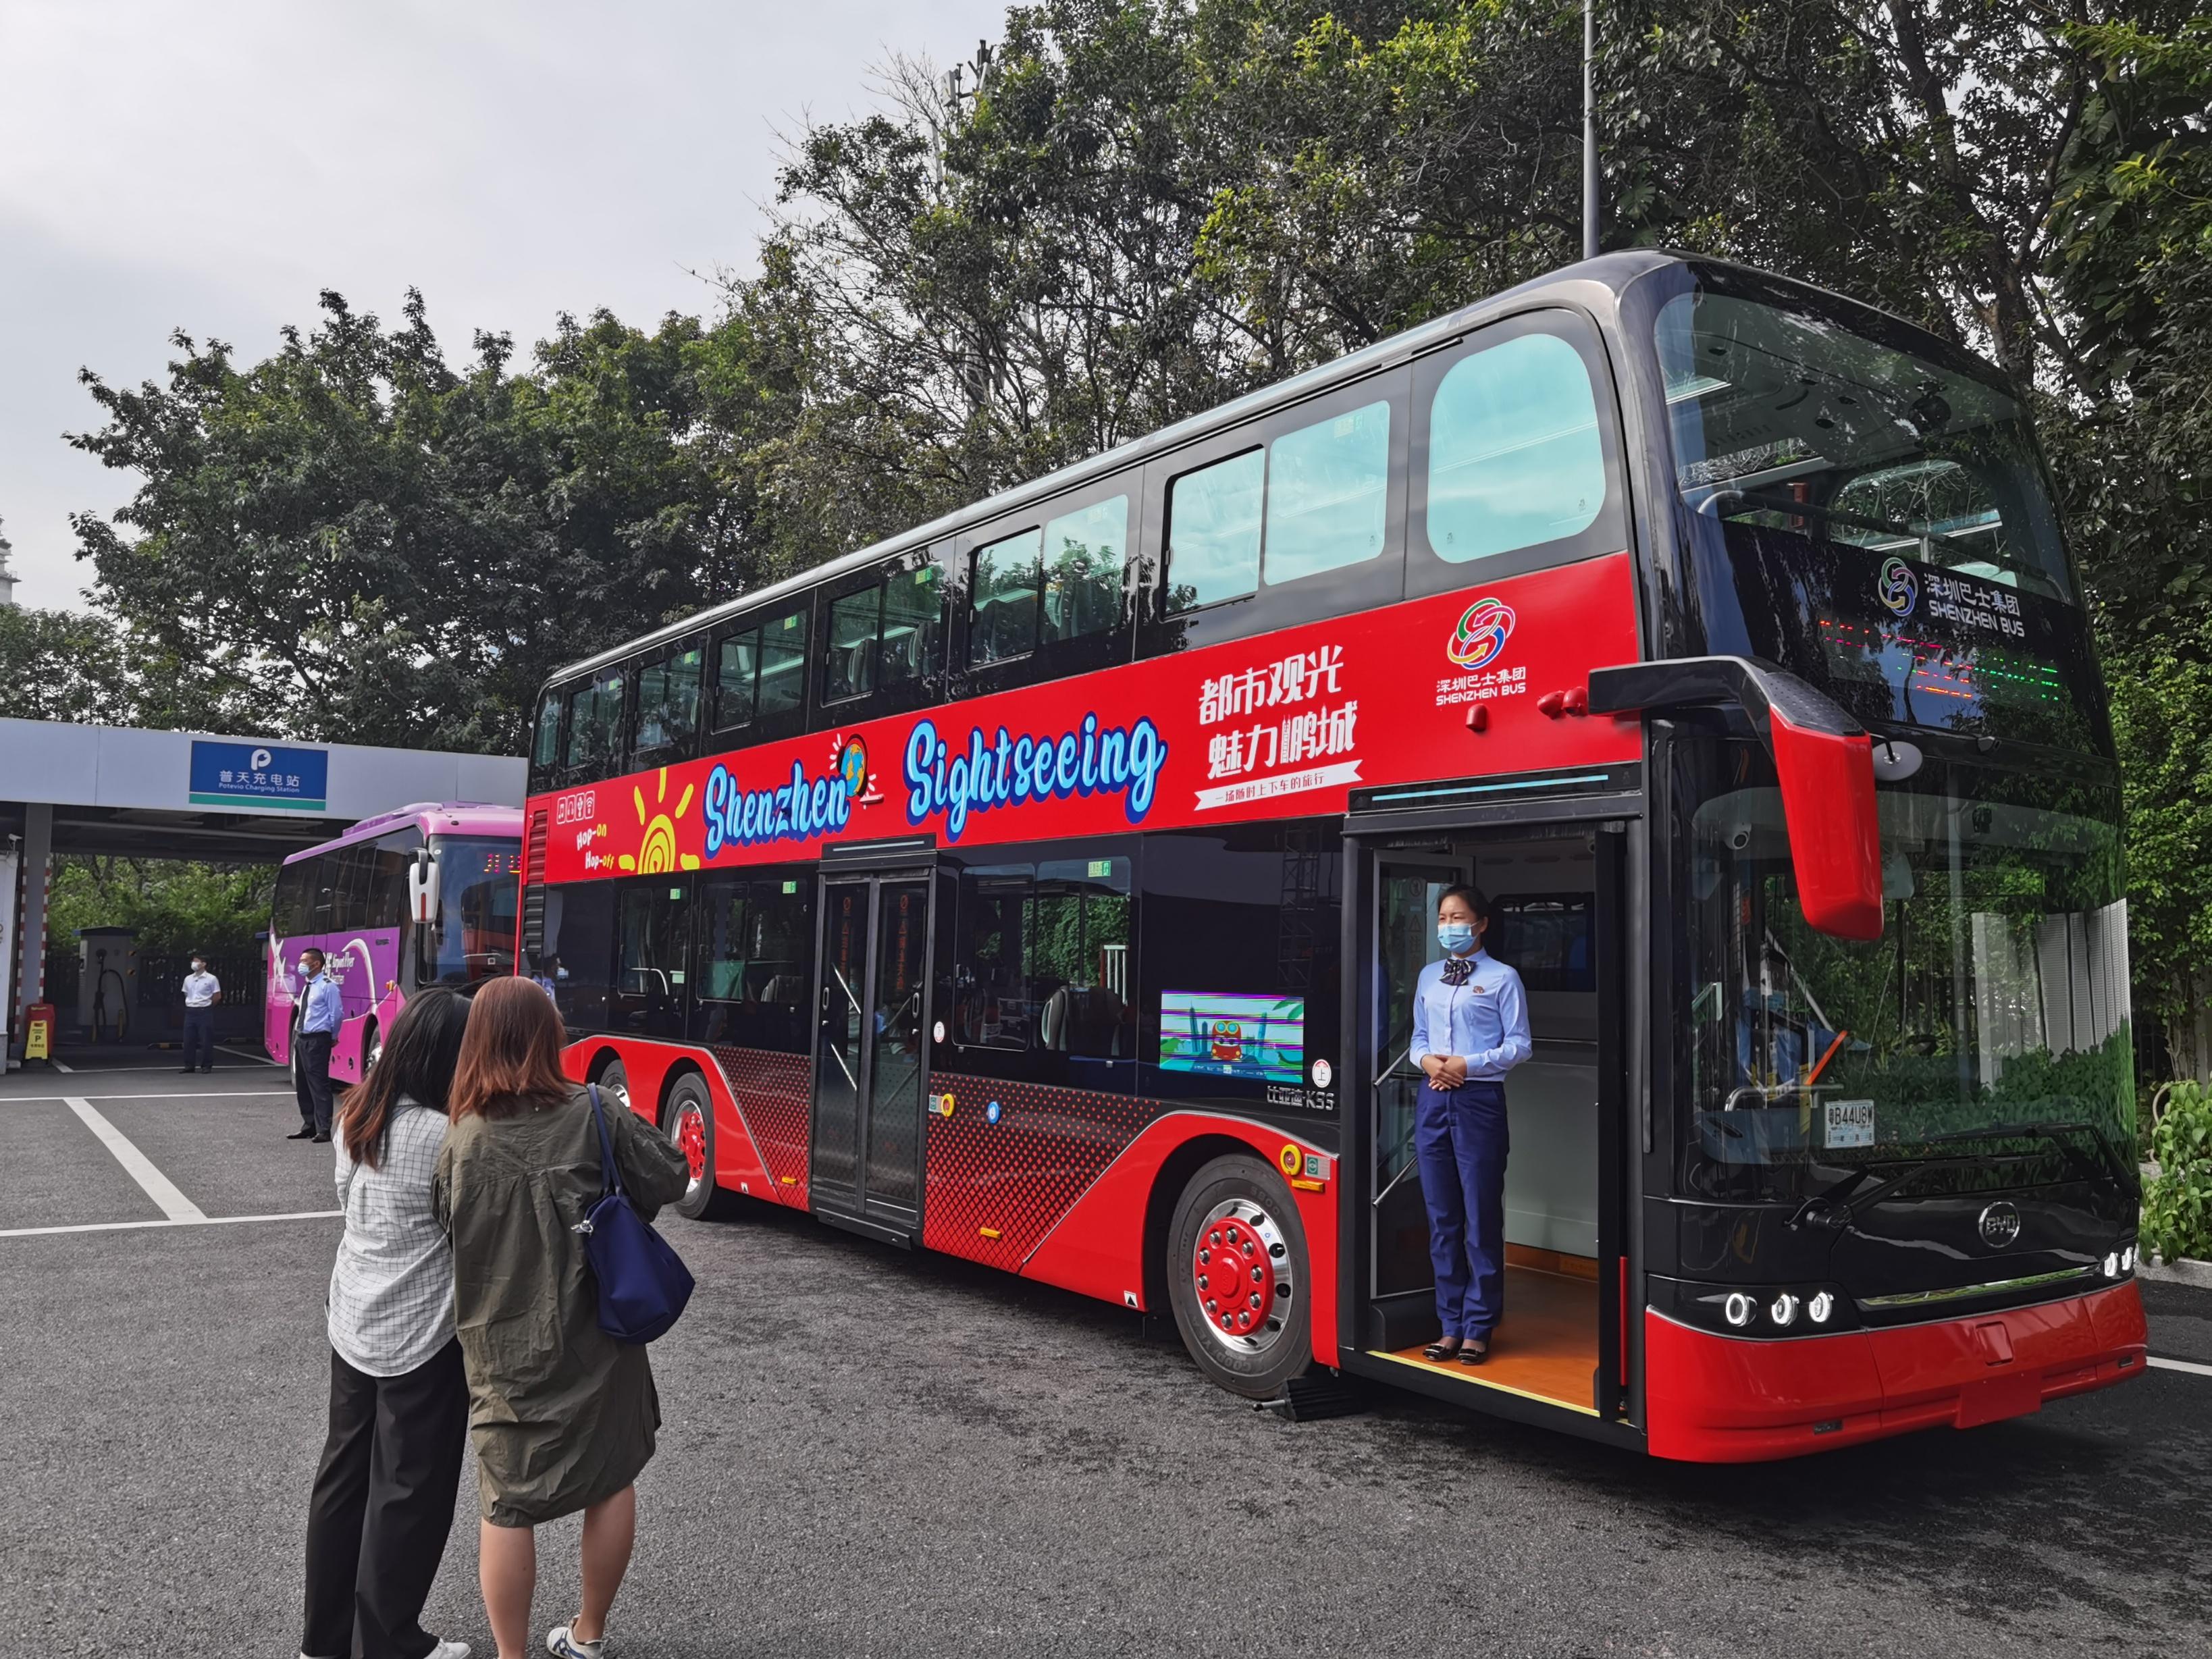 深圳旅遊雙層觀光巴士。(香港文匯網記者郭若溪 攝)